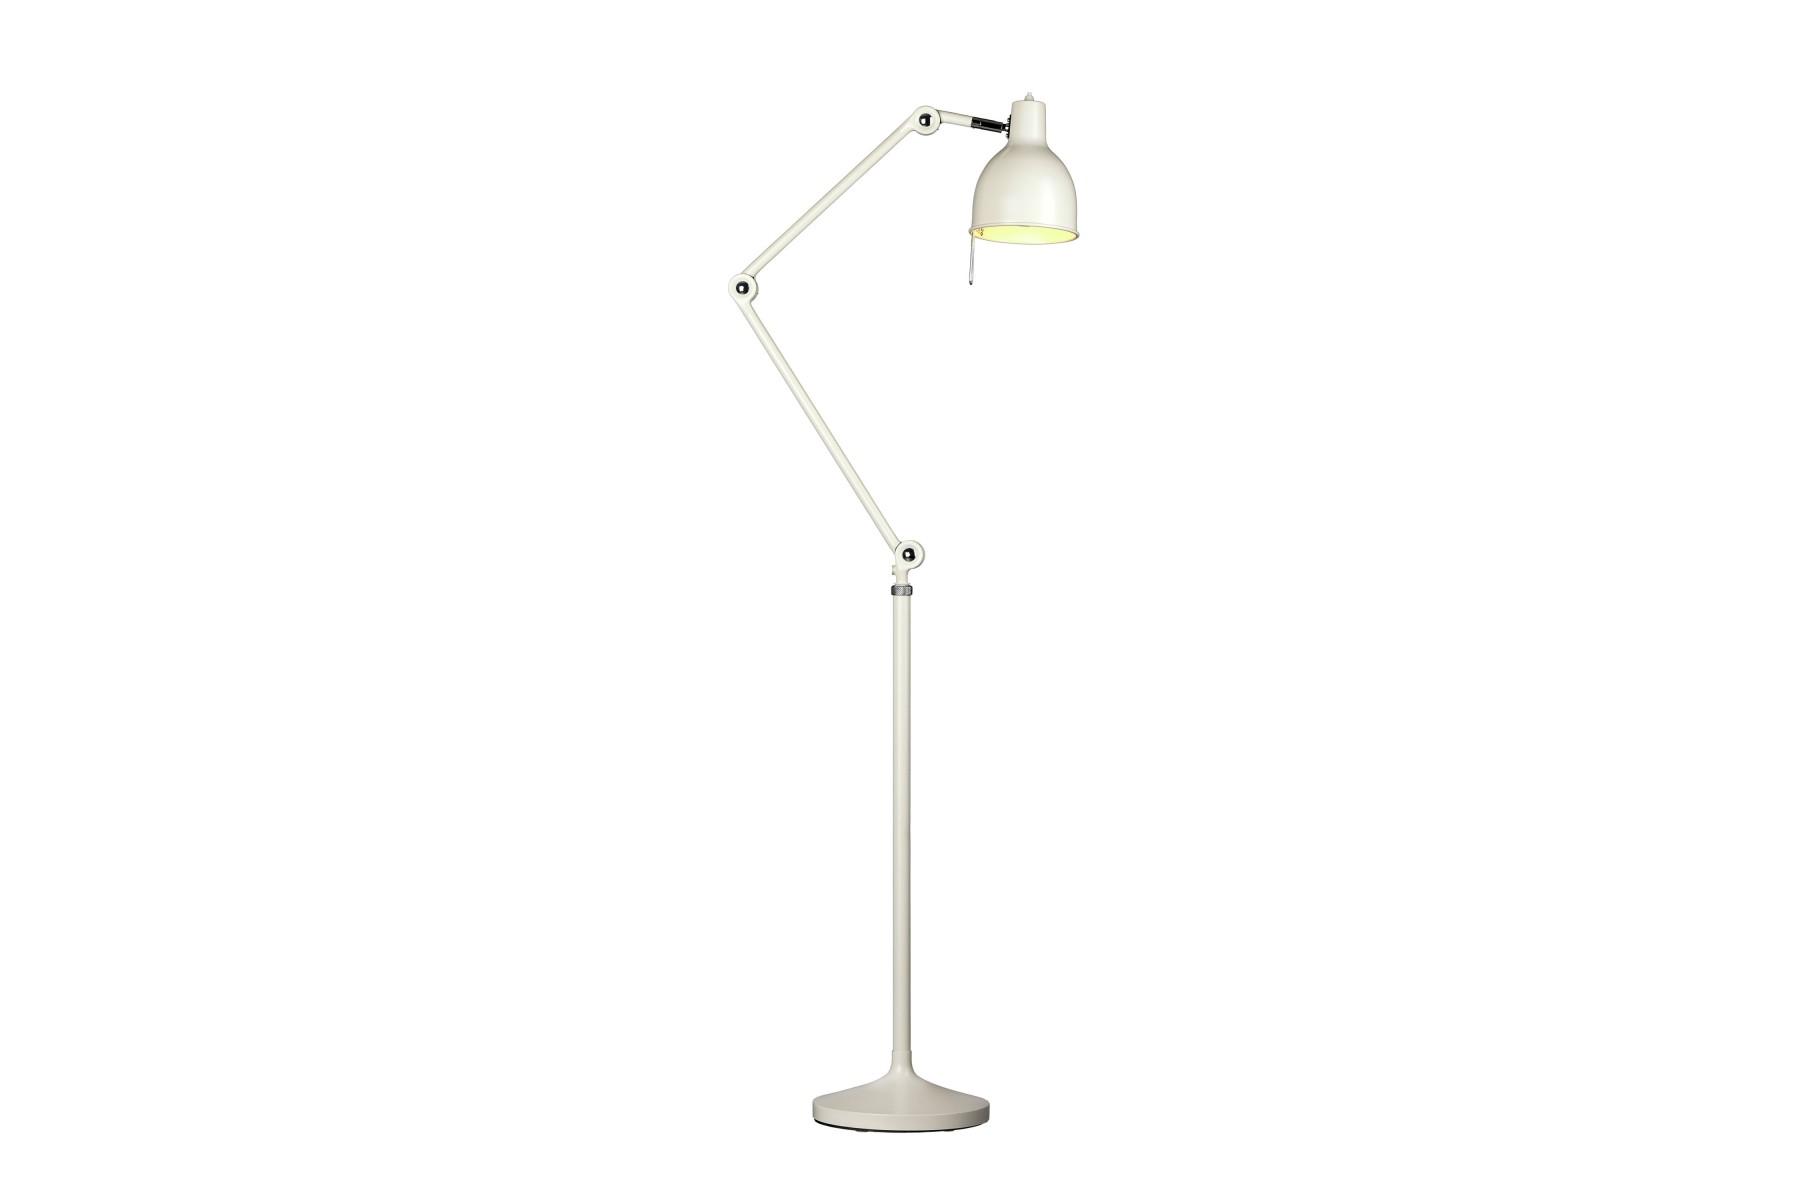 Golvlampa BJ80 | Formis.se B2B shop med belysning för företag